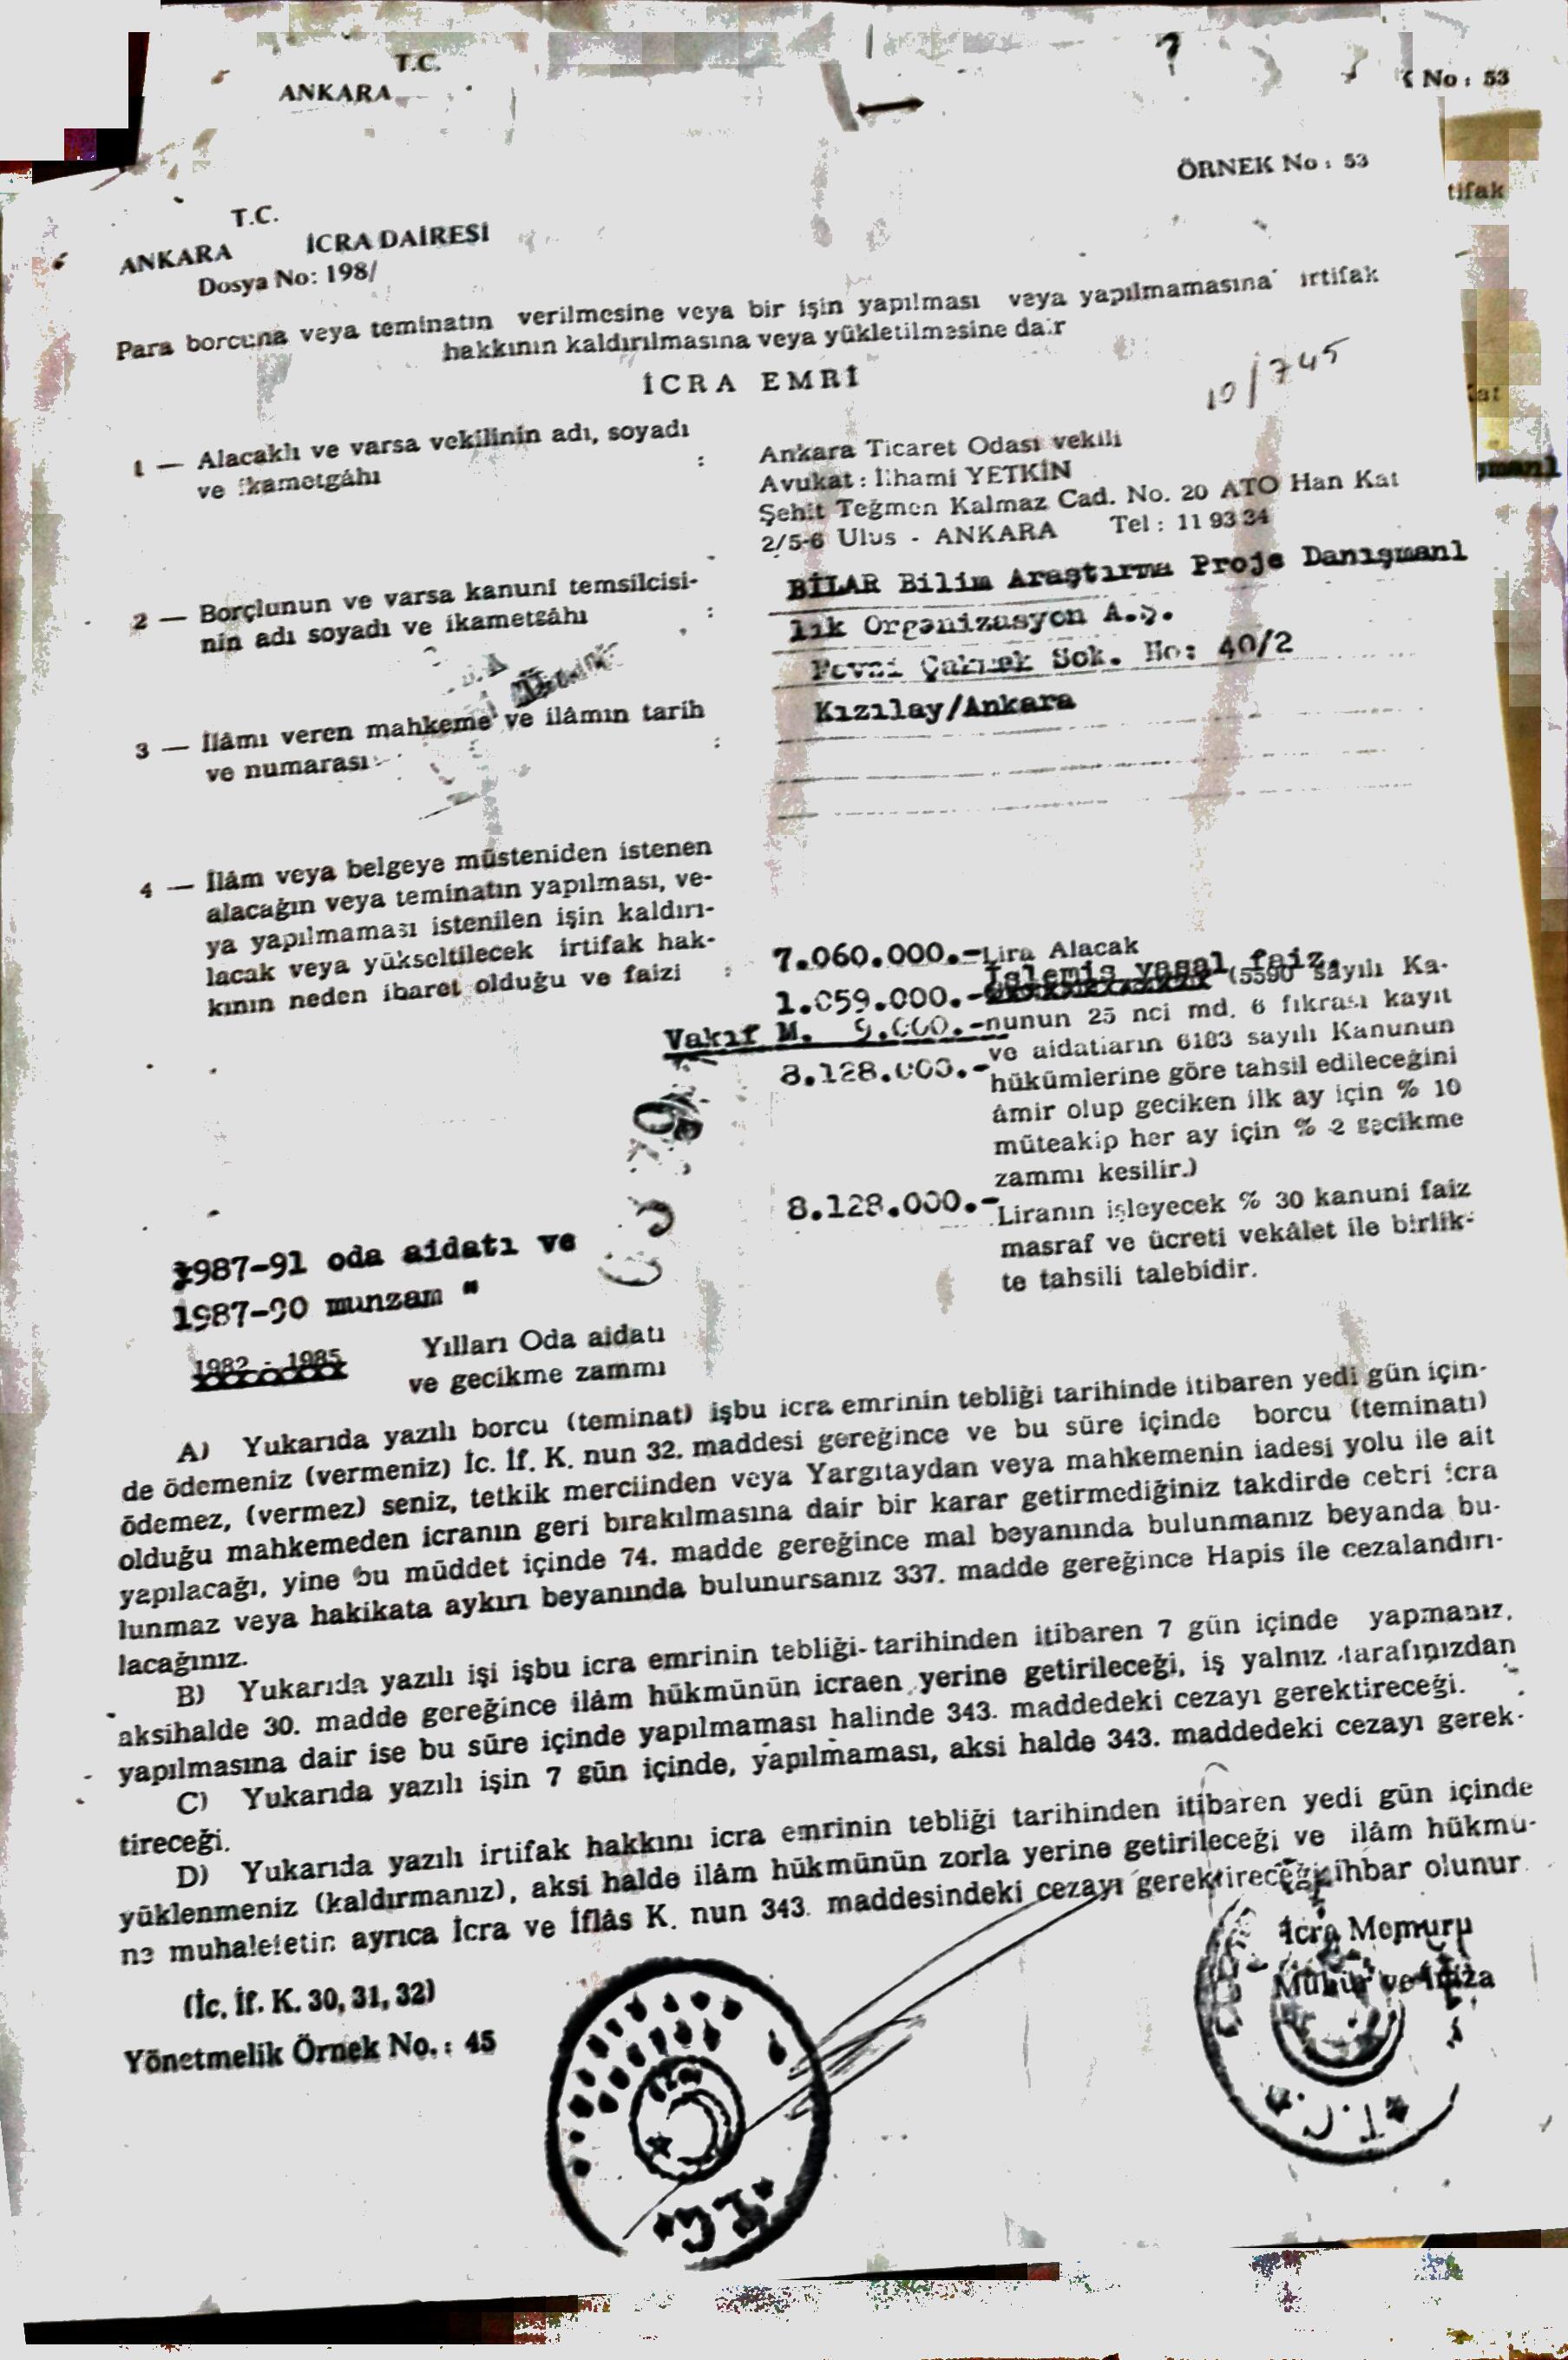 1987_belge-ATO-uyelik-icra.jpeg